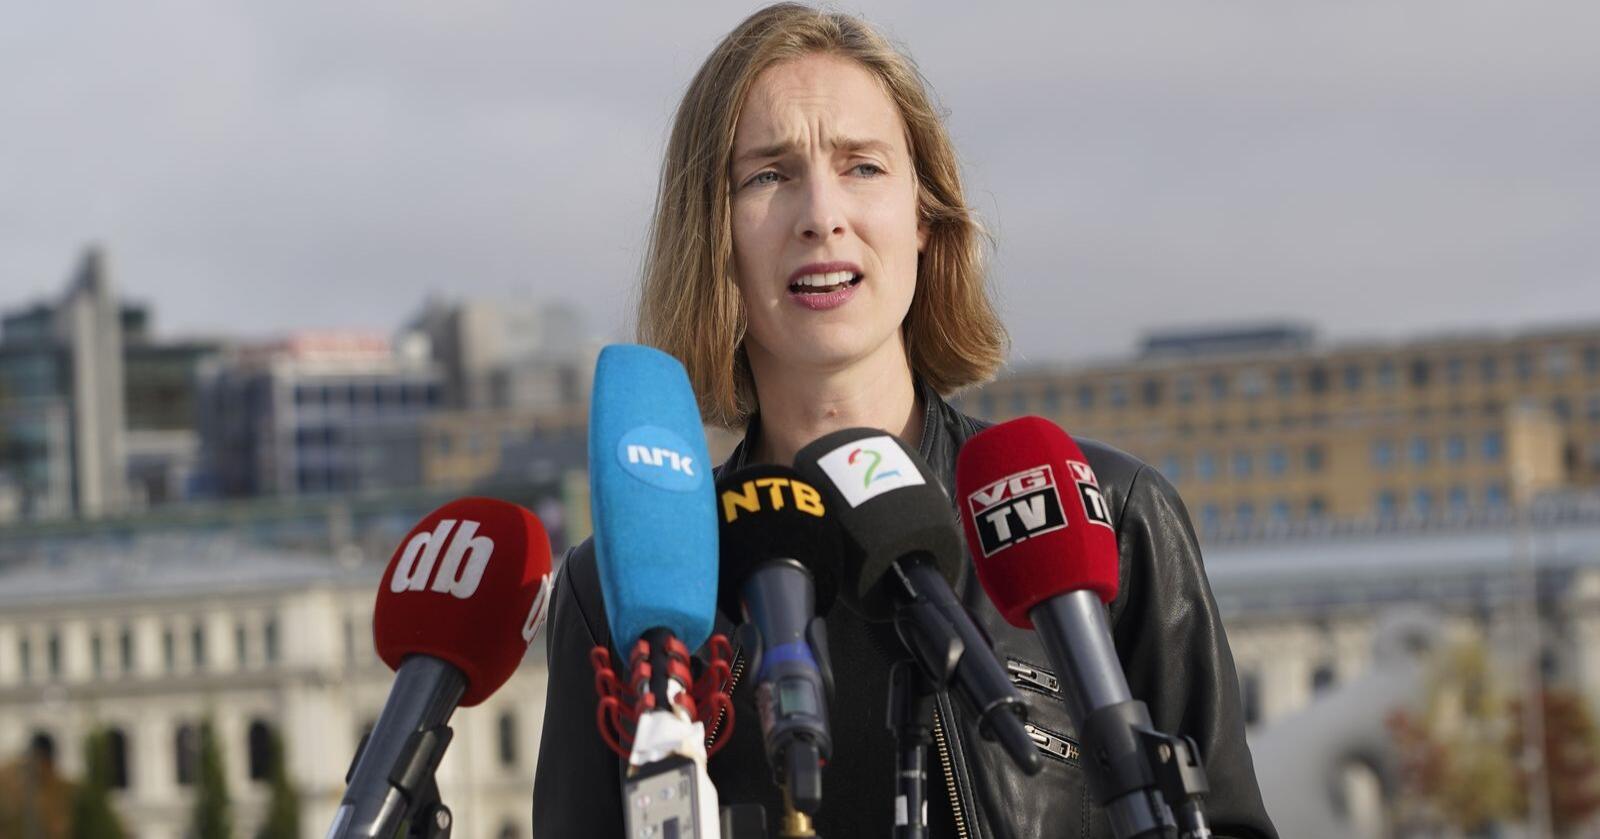 Næringsminister Iselin Nybø (V) vil gi 100 millioner kroner for å styrke norsk eksport. Foto: Heiko Junge/NTB scanpix